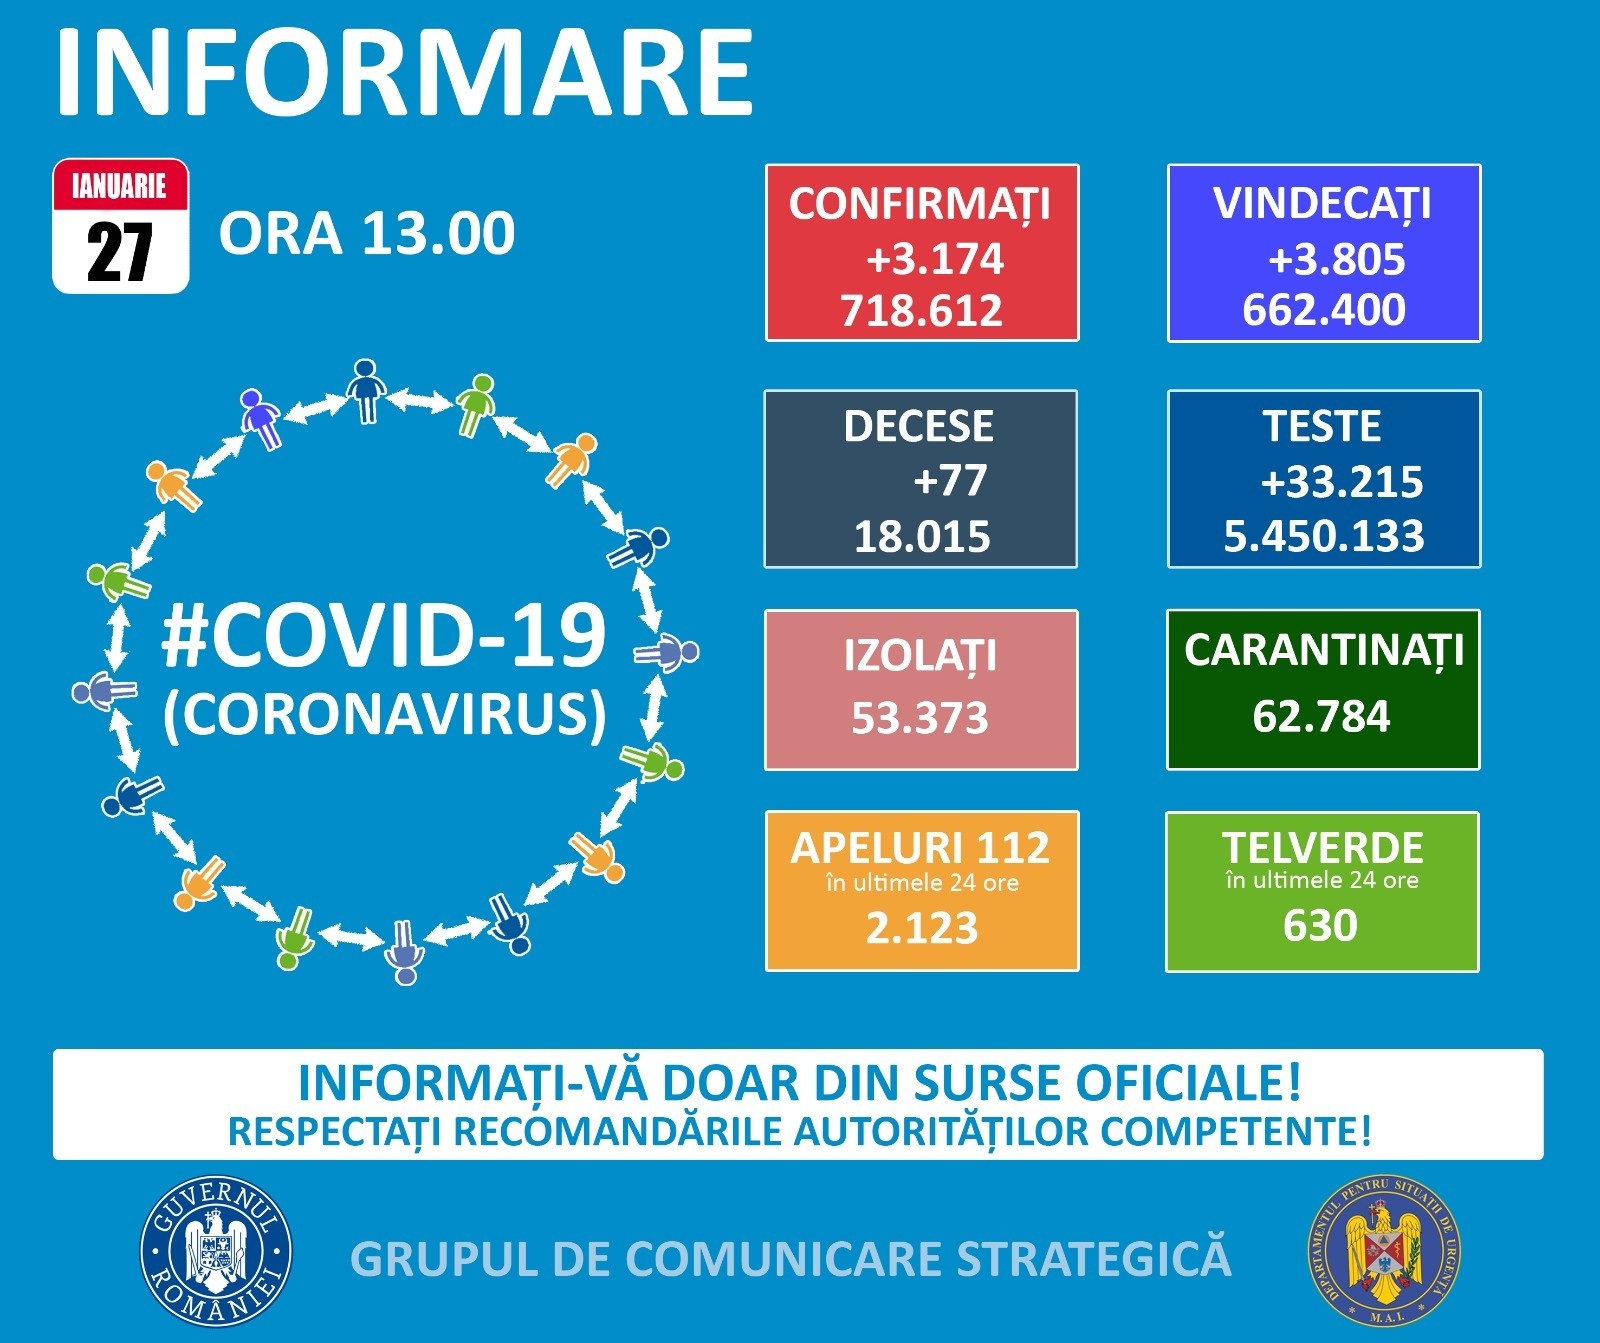 Situația Covid 19 la nivel național, miercuri, 27.01.2021 – 3174 cazuri noi și 77 decese în ultimele 24 de ore